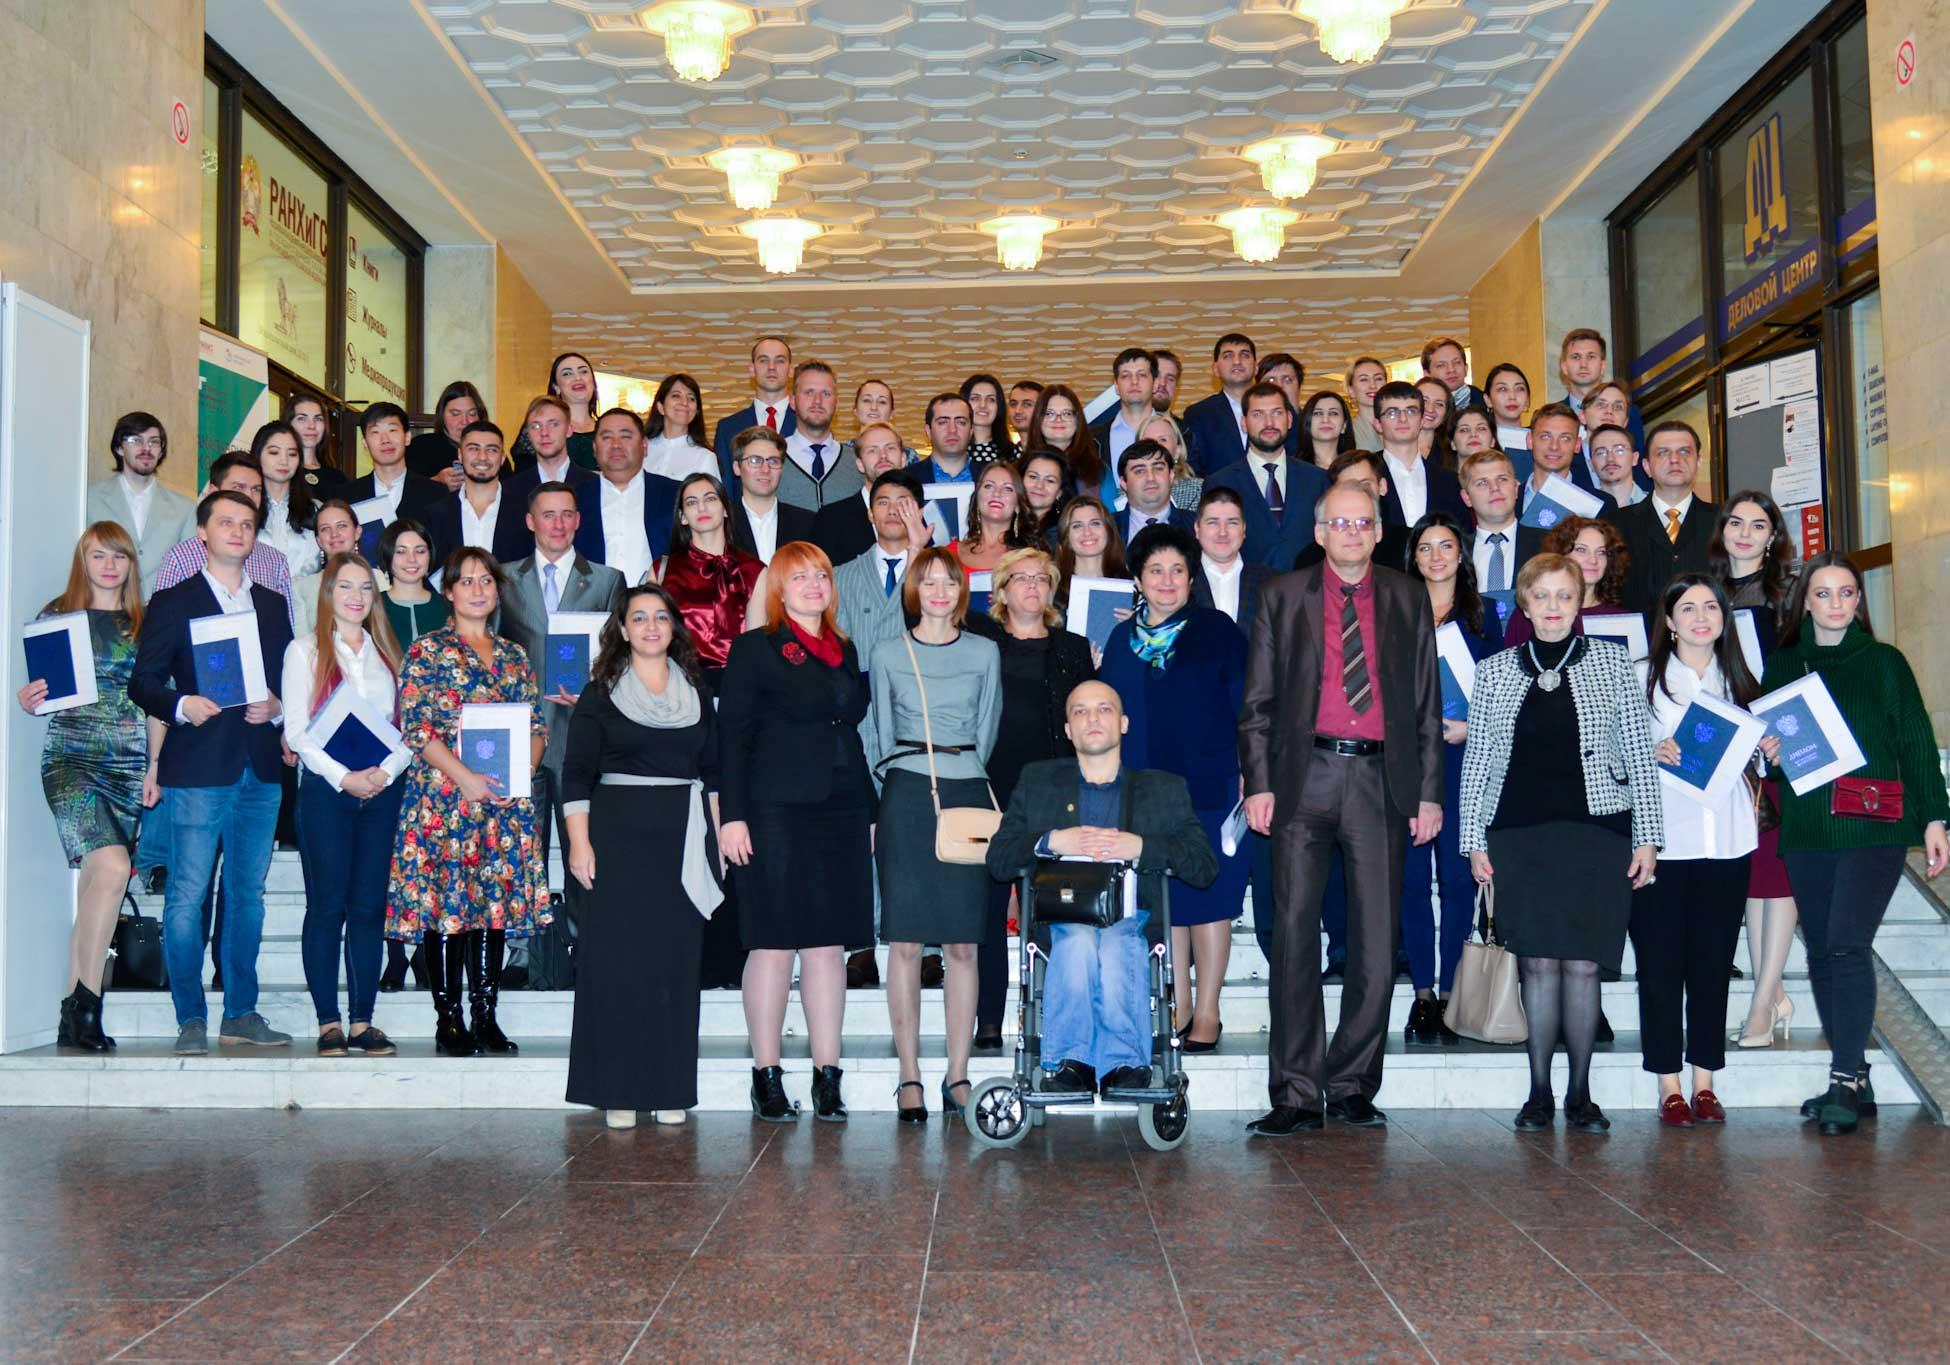 В Президентской академии состоялся второй выпуск аспирантов, обучавшихся по новым Федеральным государственным образовательным стандартам высшего образования